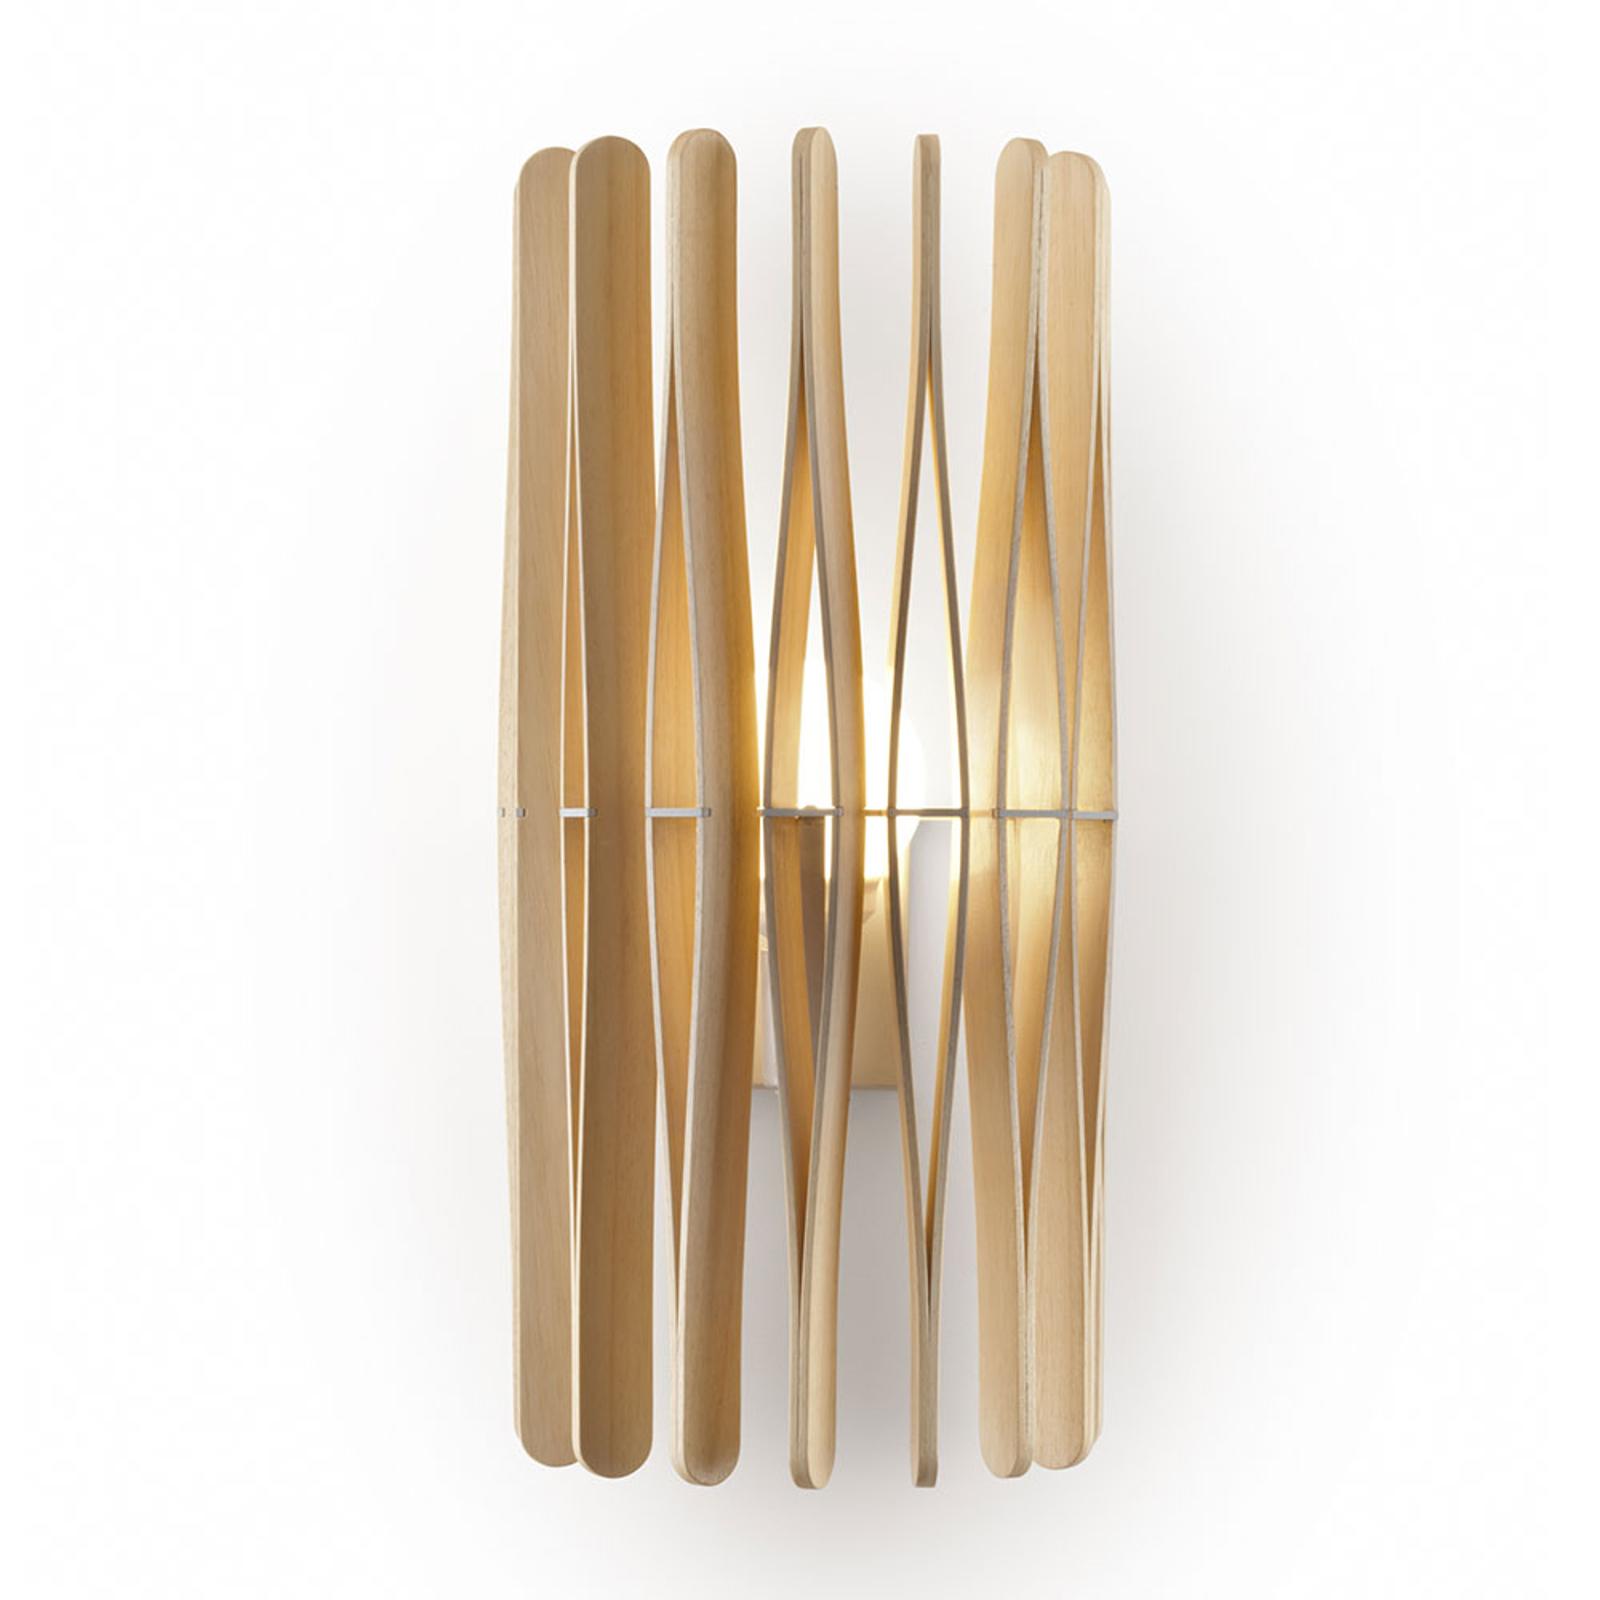 Fabbian Stick Holz-Wandleuchte, zylindrisch